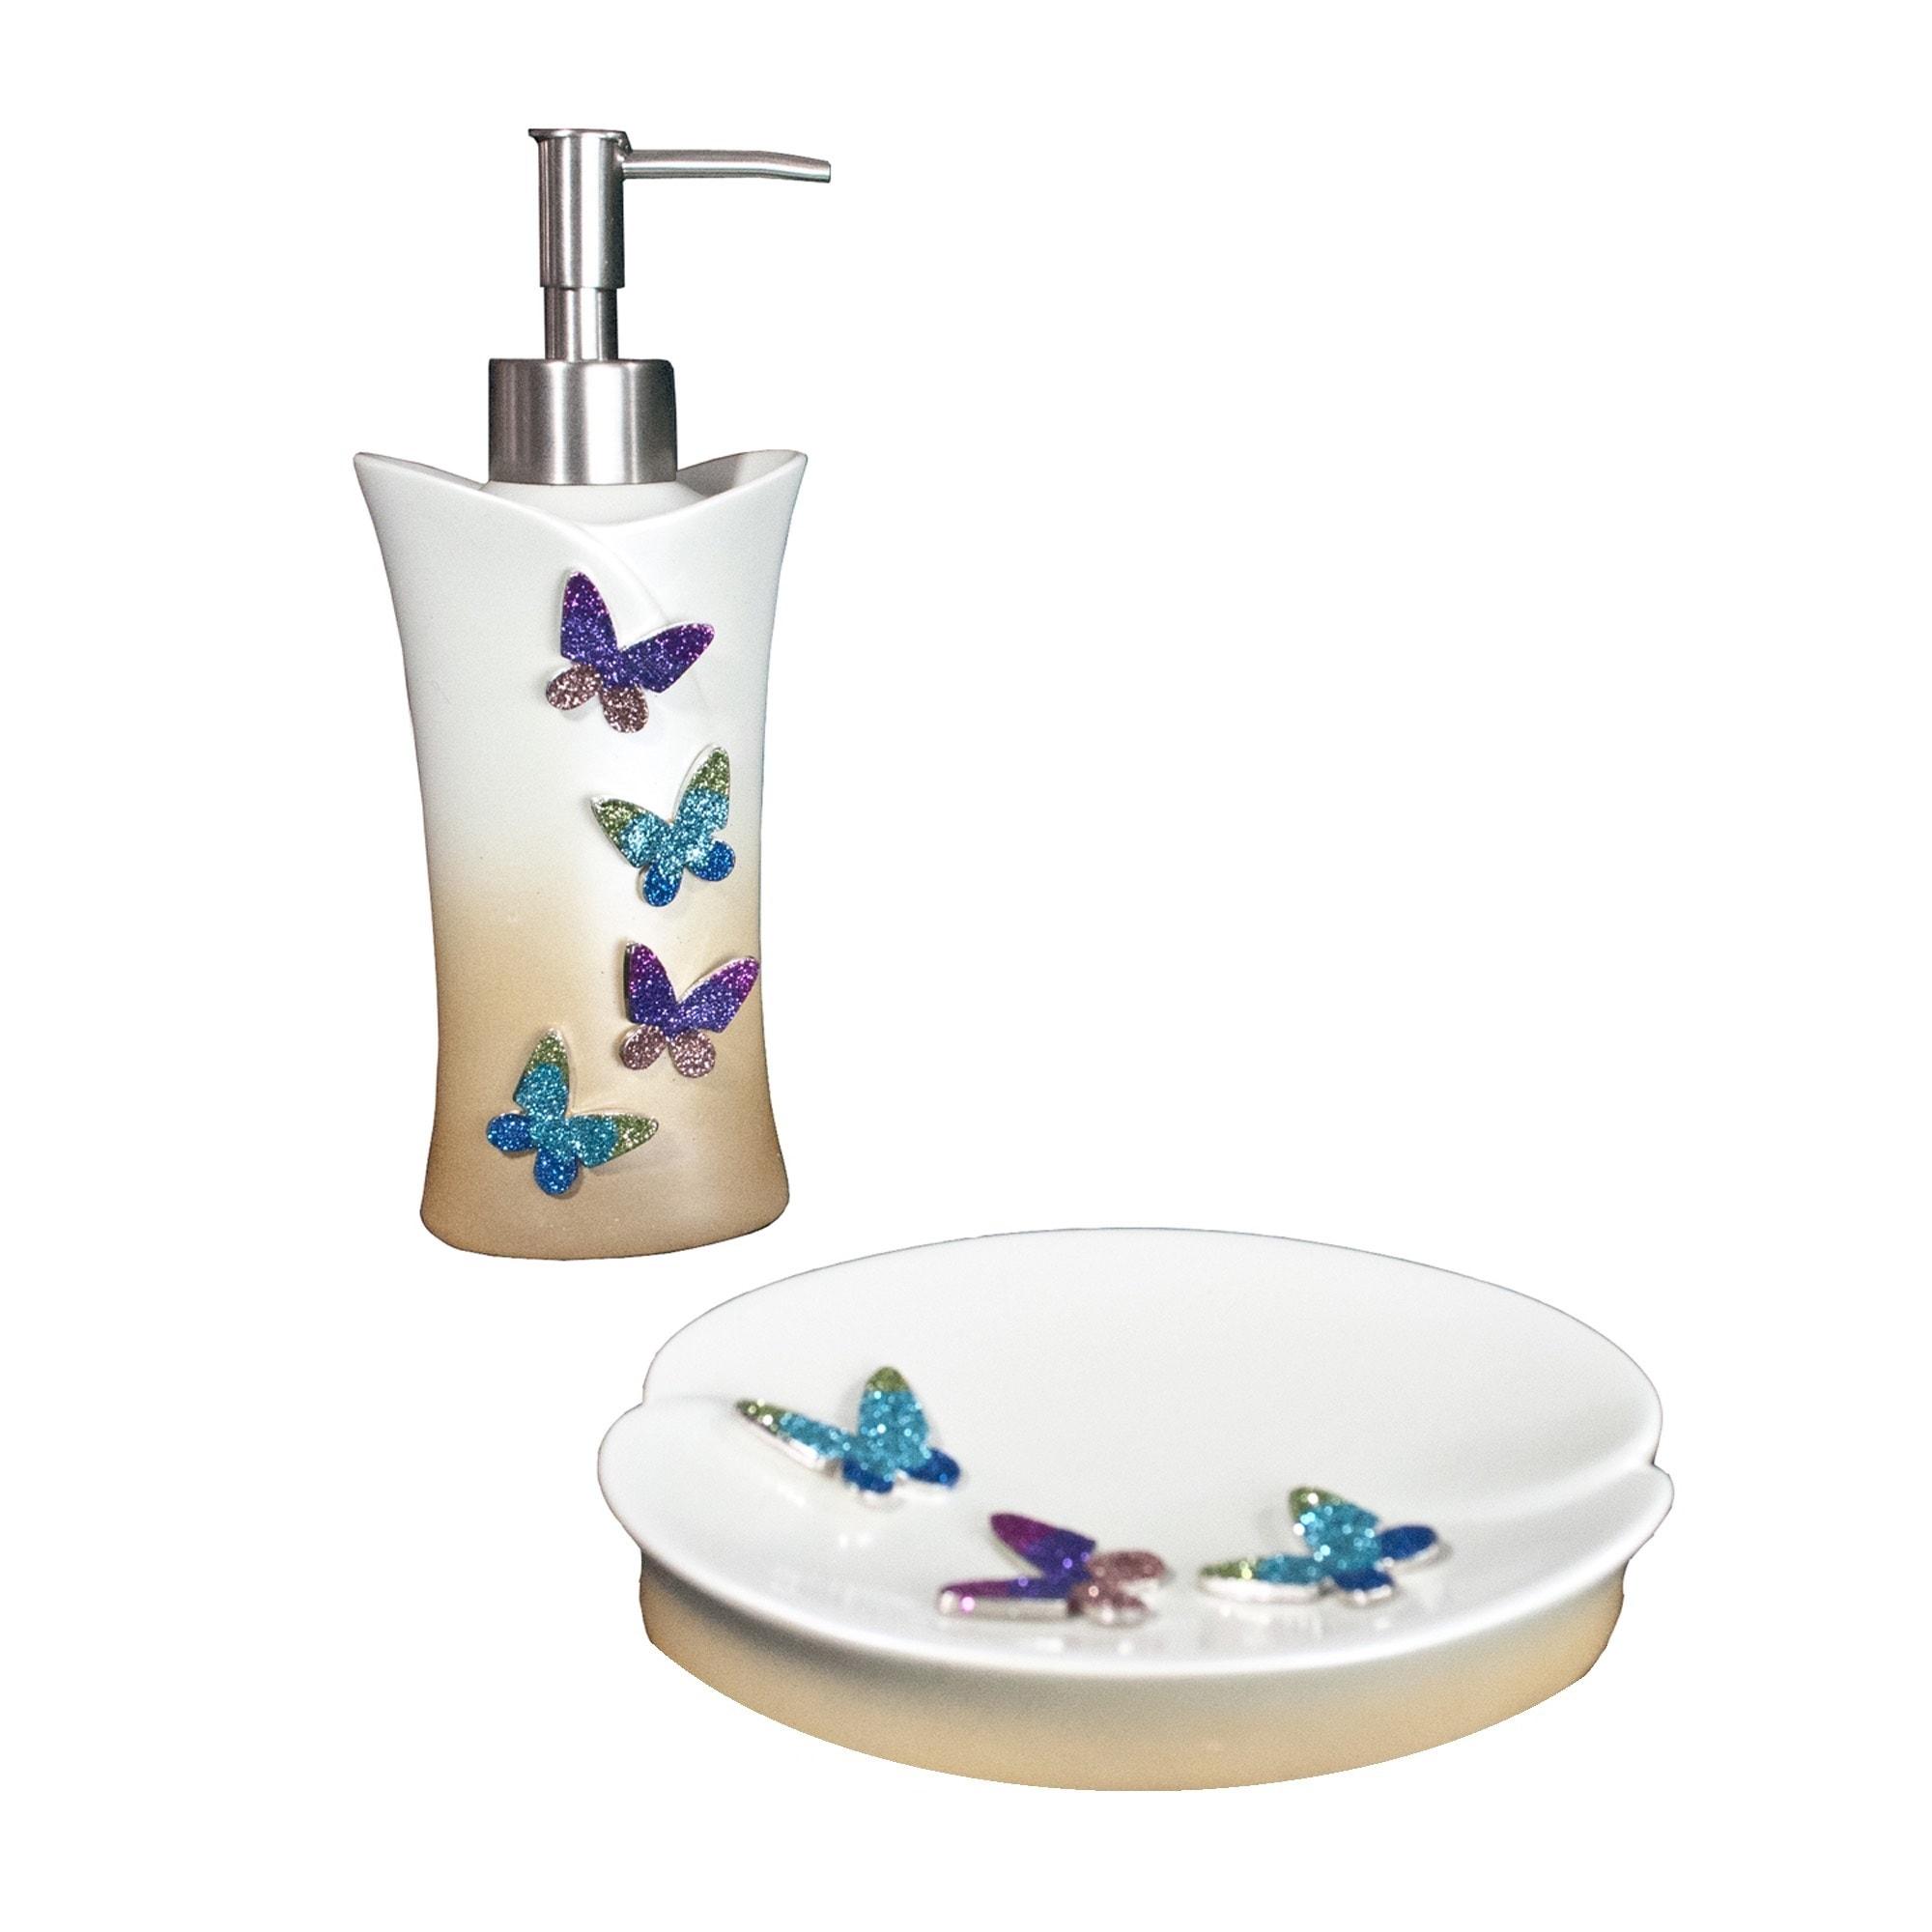 Wildlife Bath & Towels | Shop our Best Bedding & Bath Deals Online ...